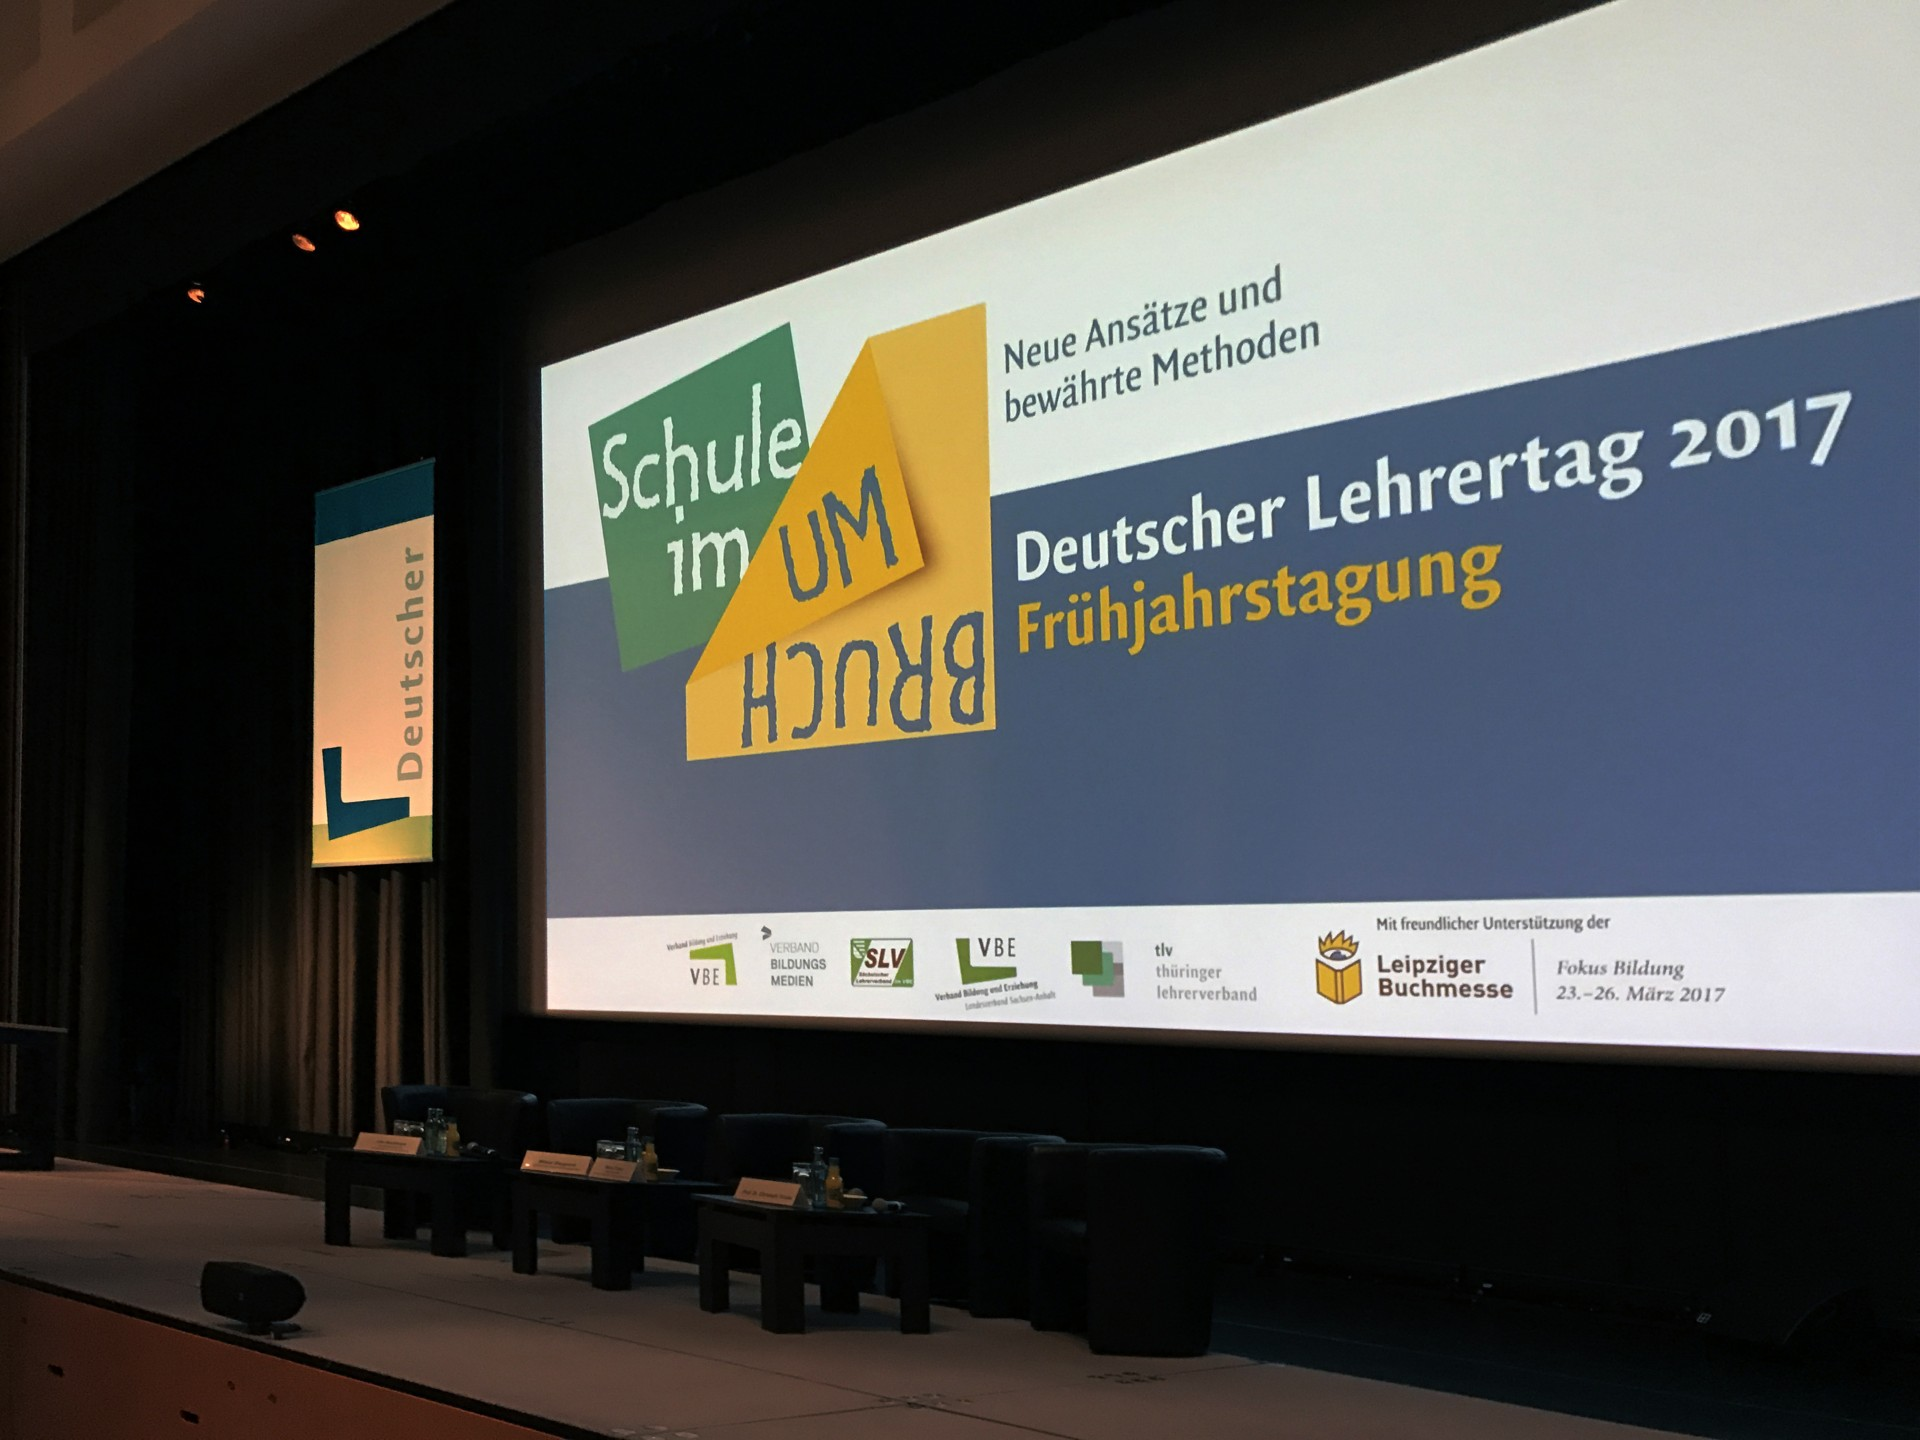 Bühnen-Gestaltung Deutscher Lehrertag Frühjahrstagung - Typoly